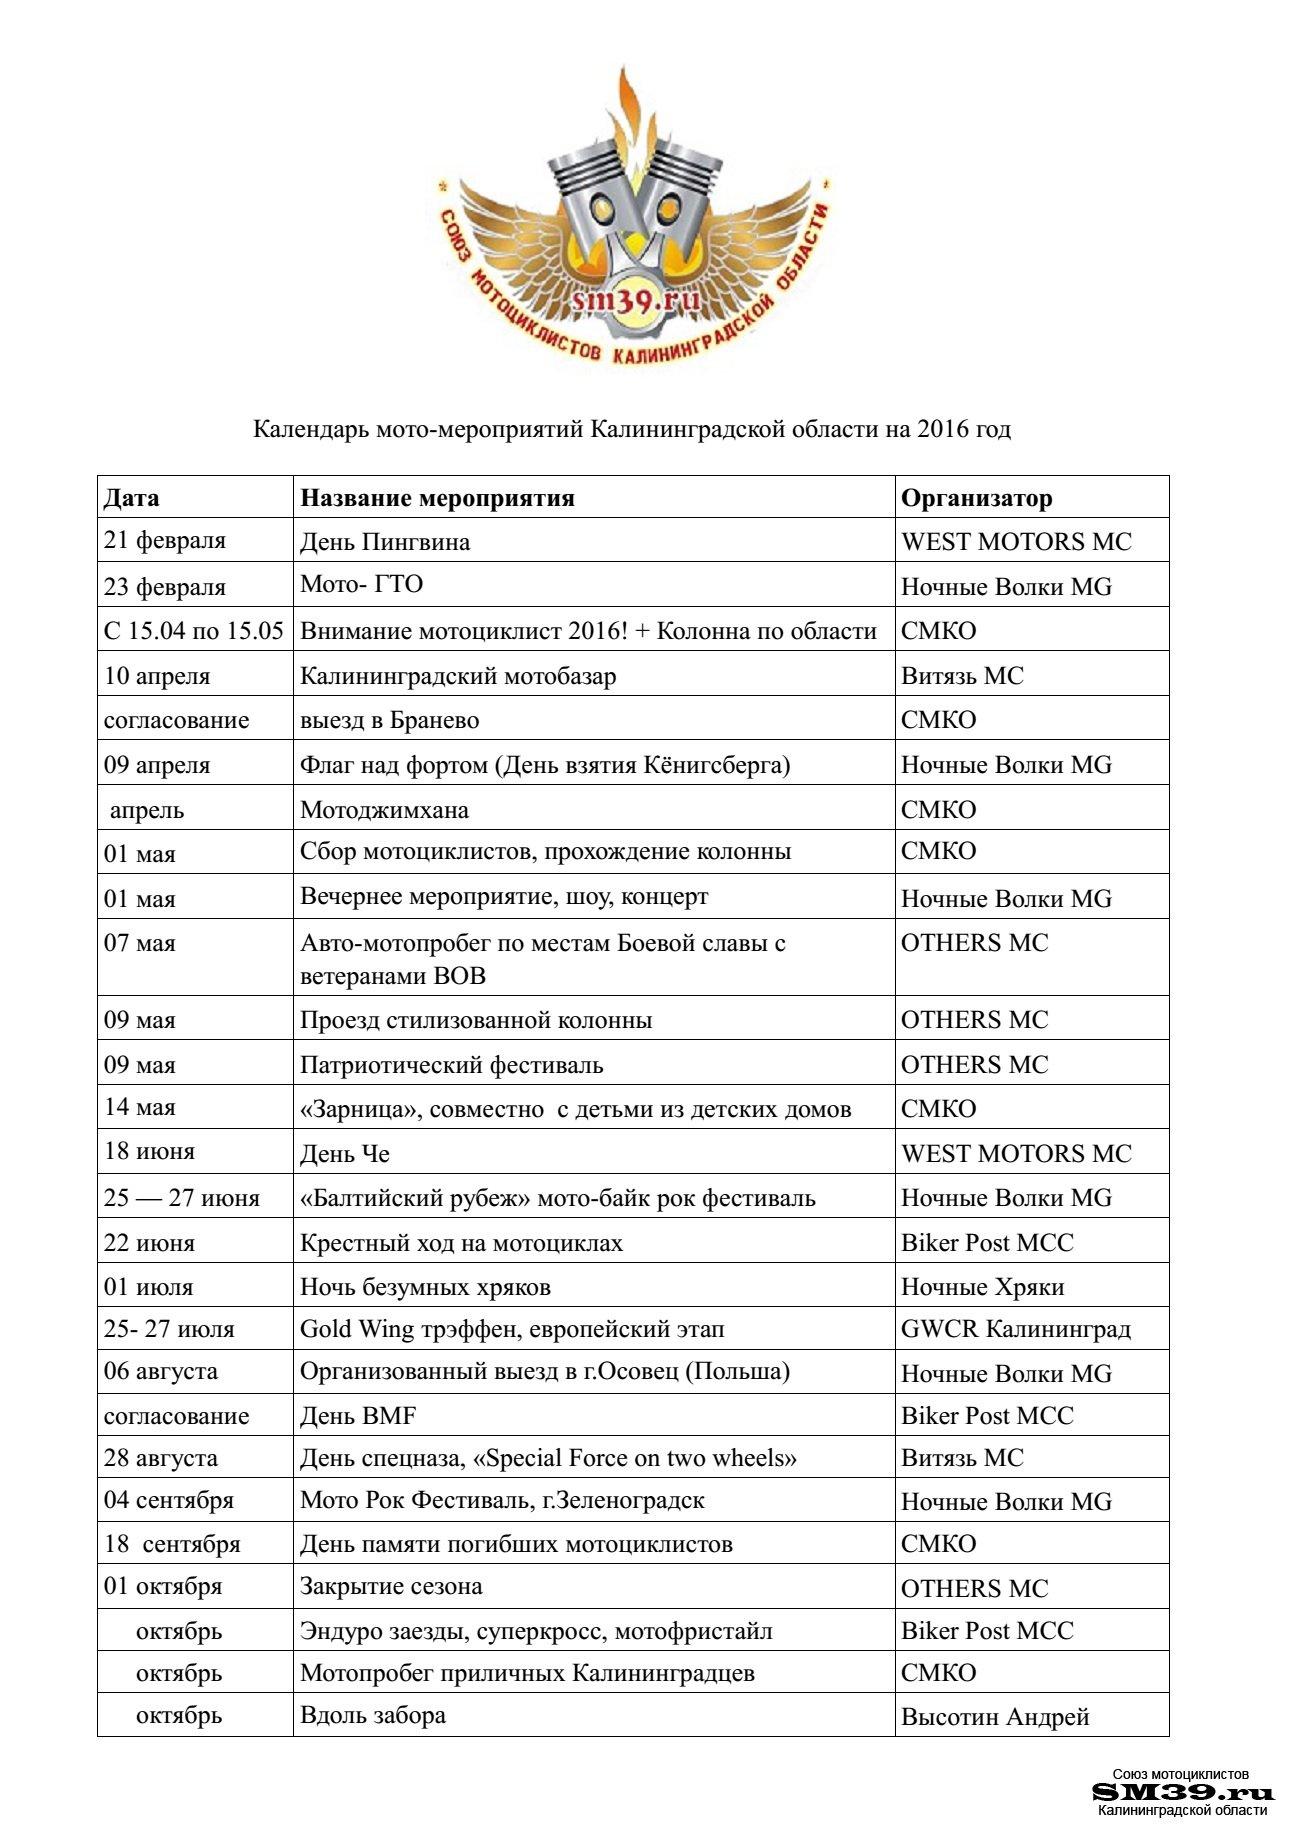 Календарь мото-мероприятий в Калининградской области на 2016 год